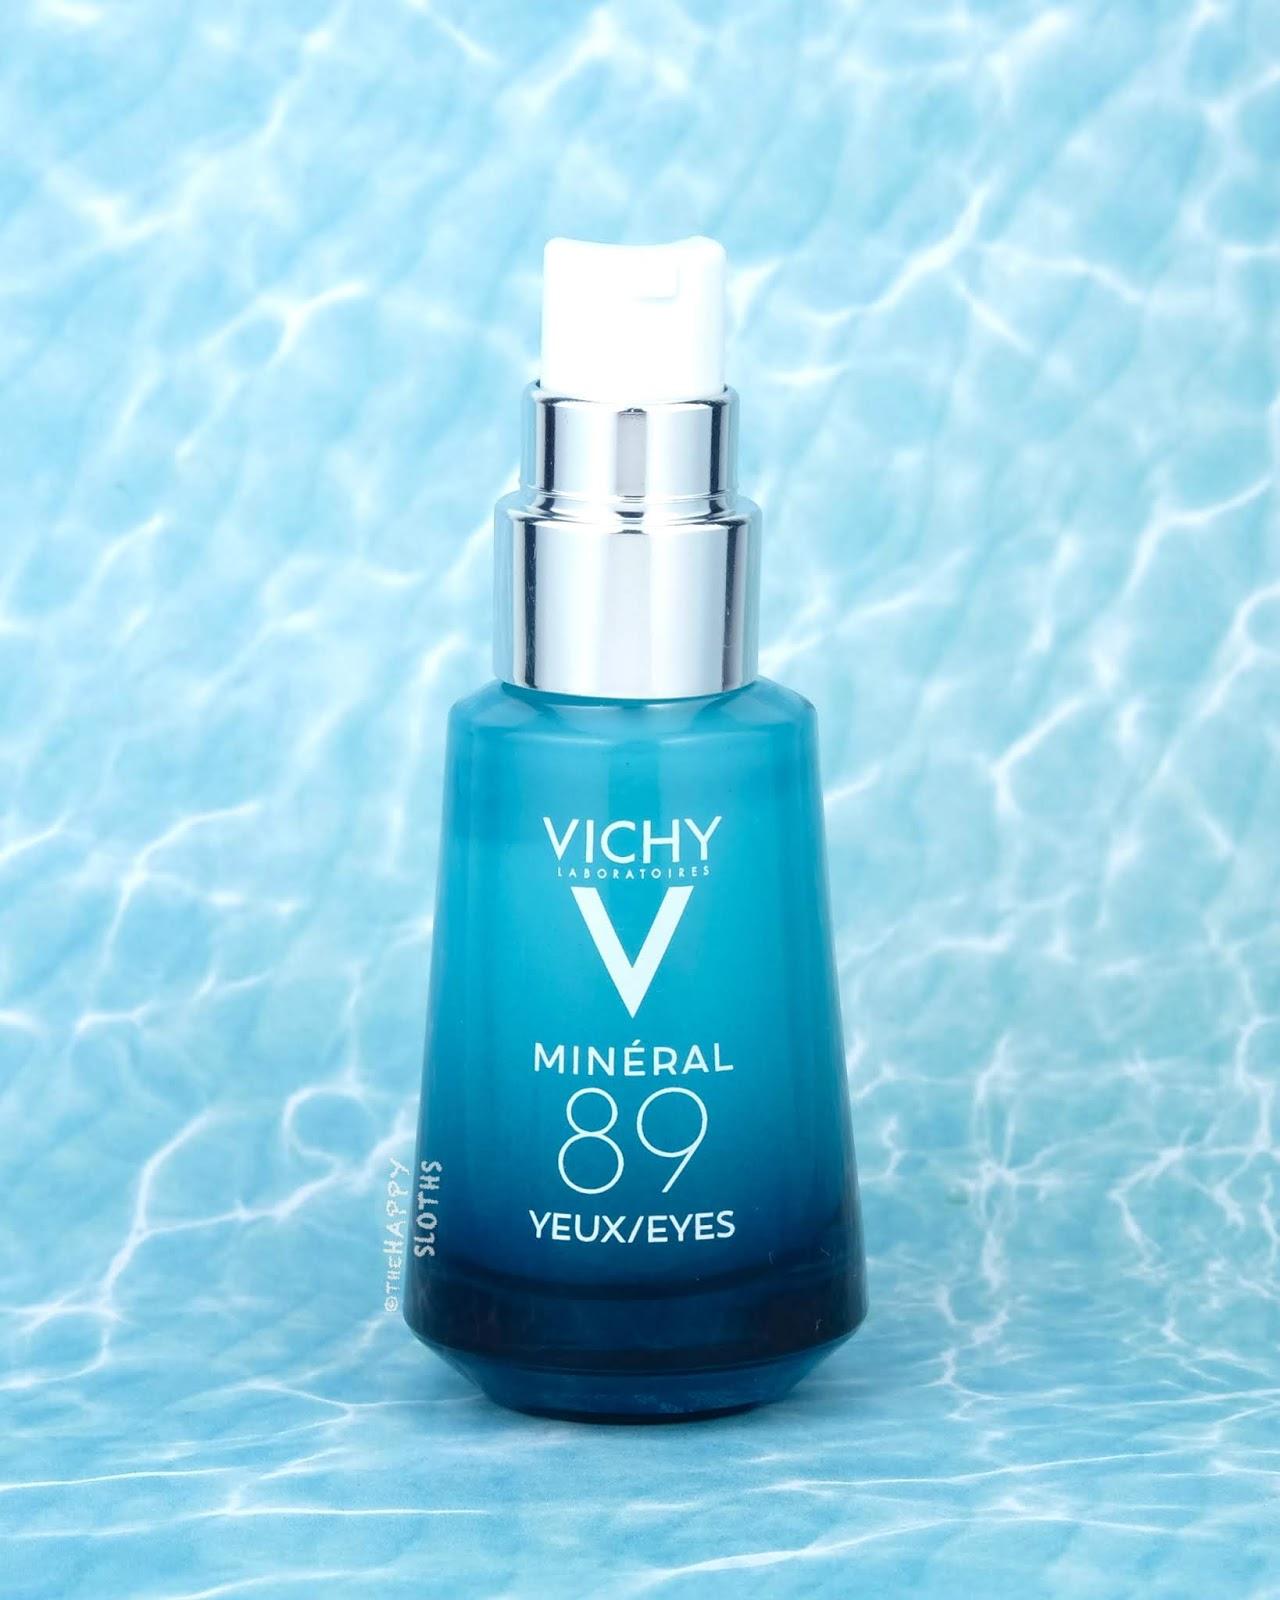 Vichy | Minéral 89 Eyes: Review